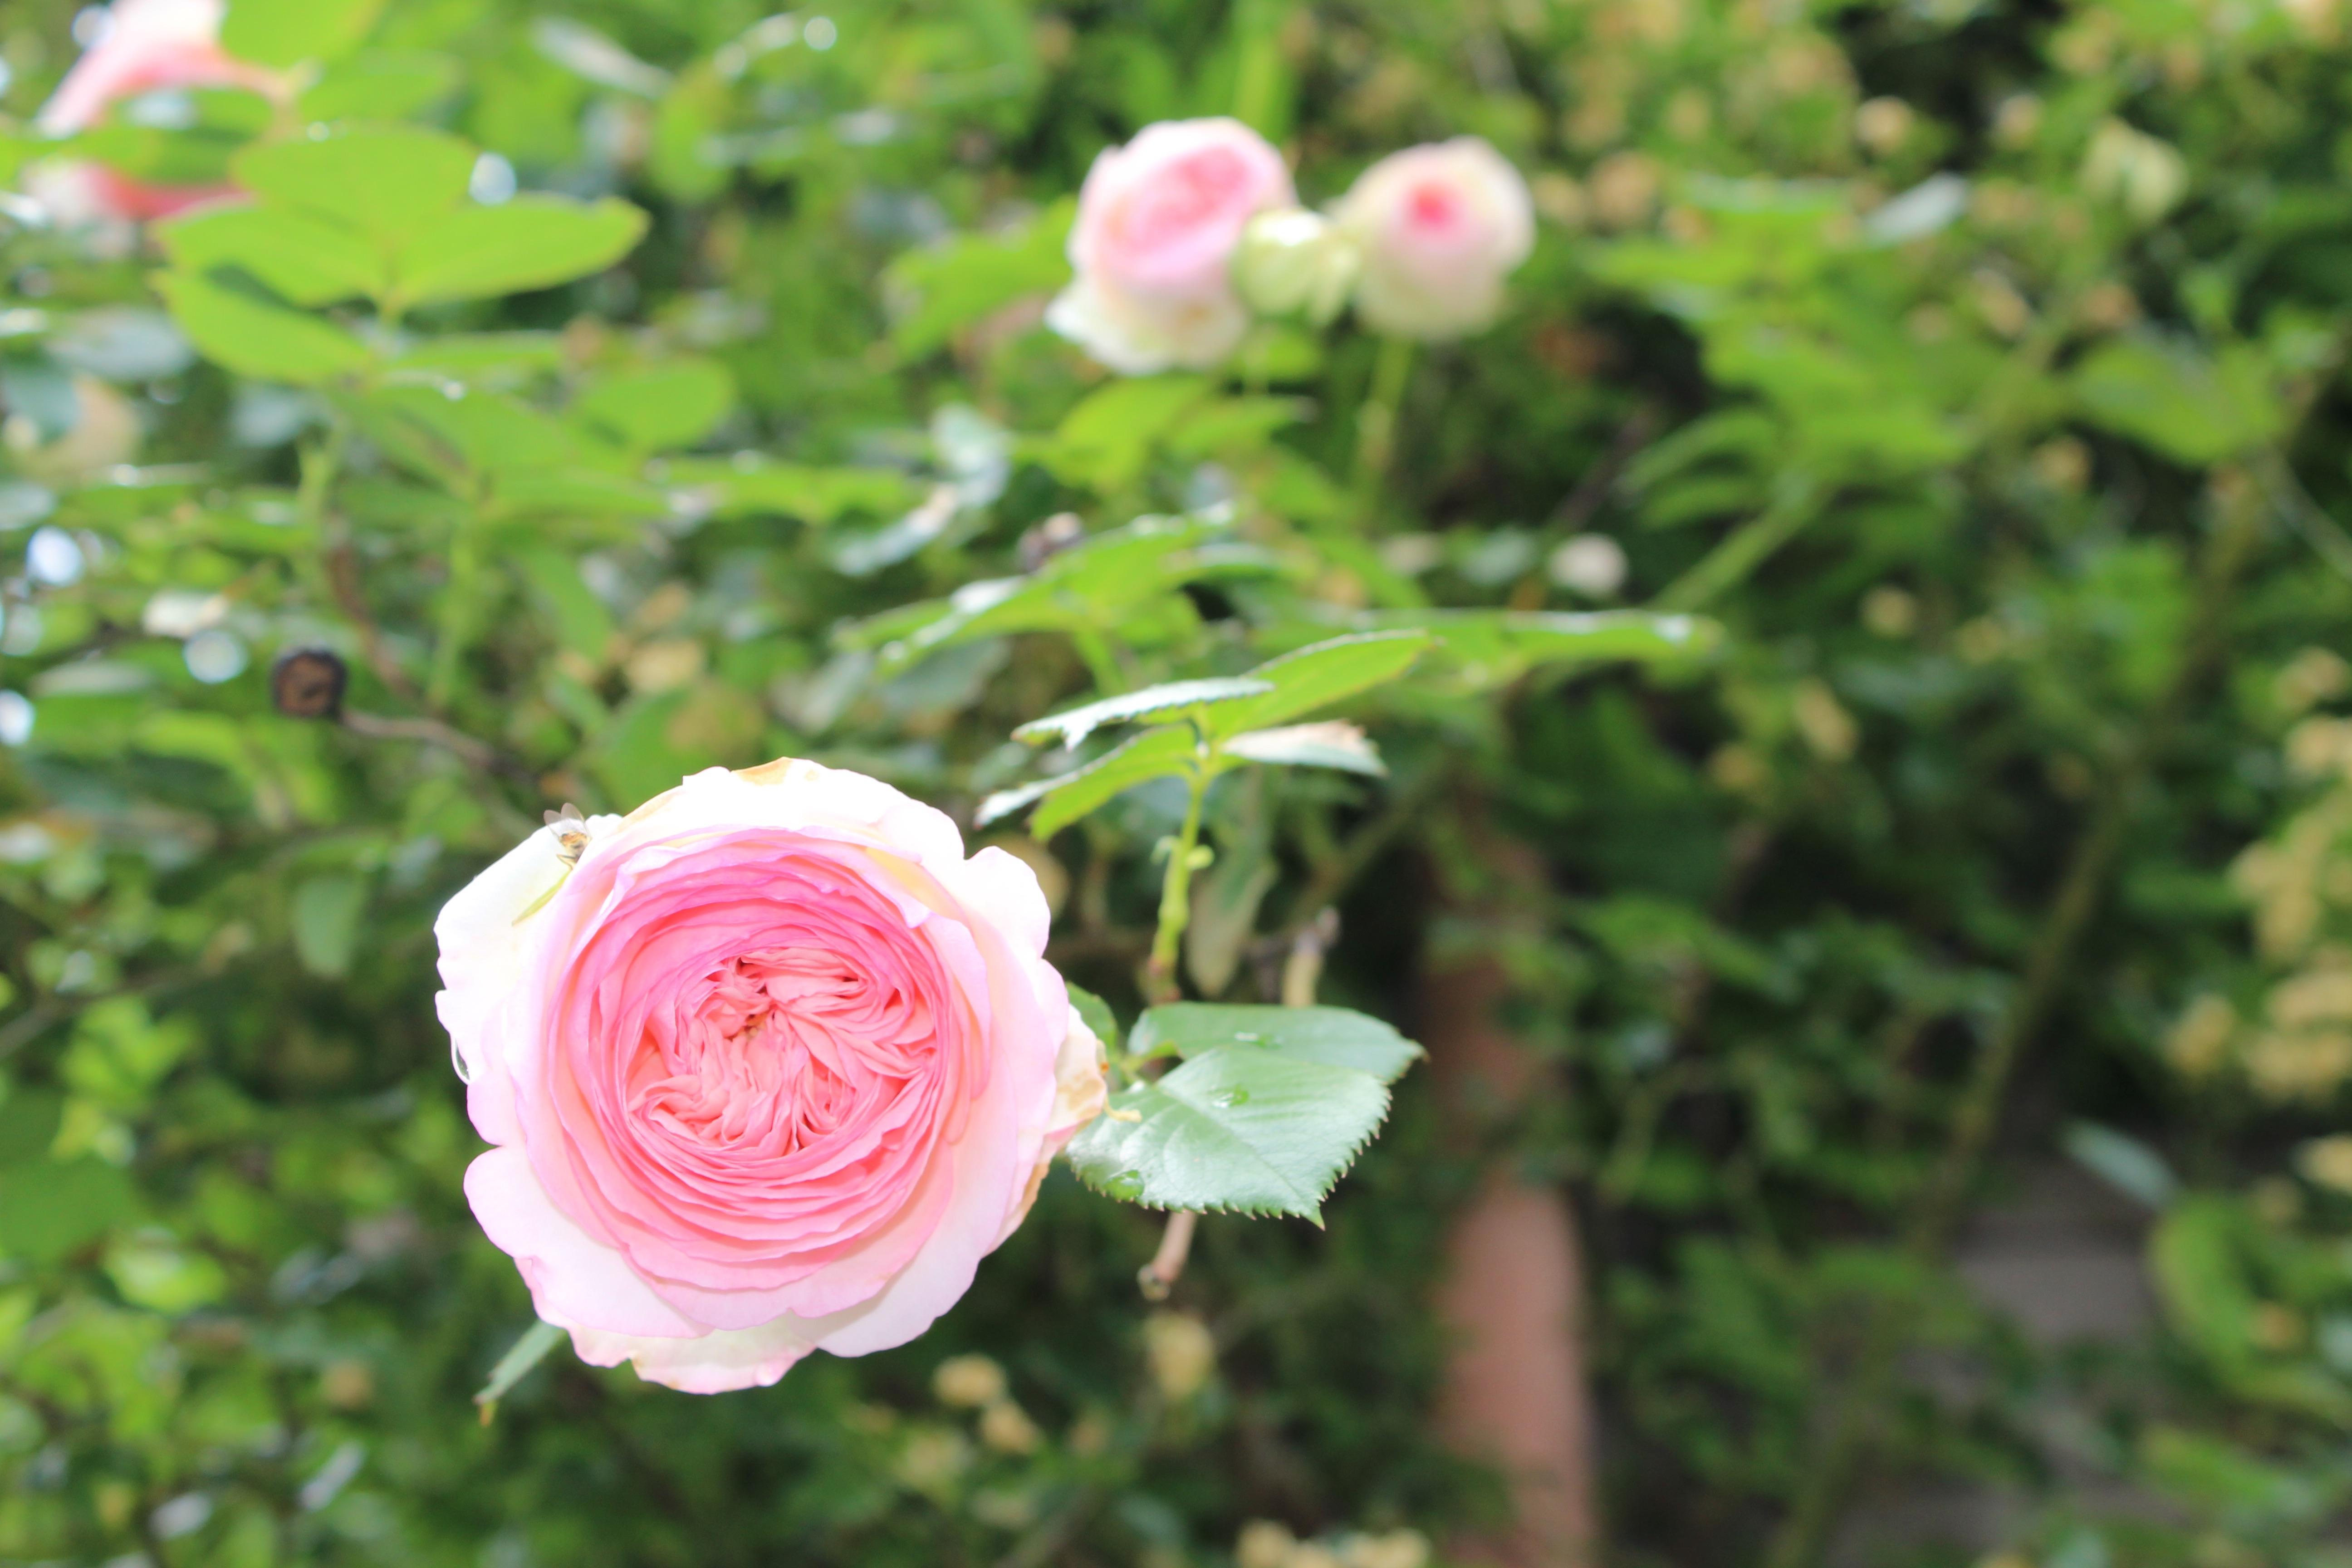 ピエール・ドゥ・ロンサールが、今年もまた美しい花を咲かせています。